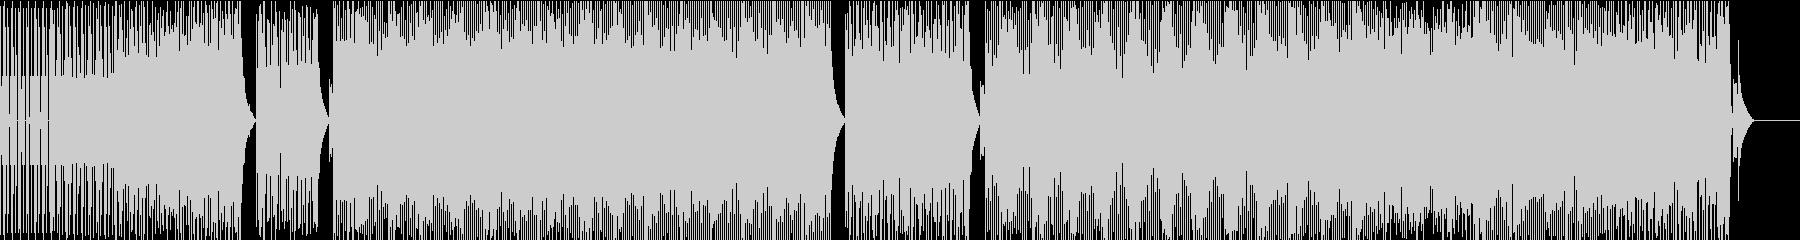 リズムのイントロブレーク、その後ベ...の未再生の波形